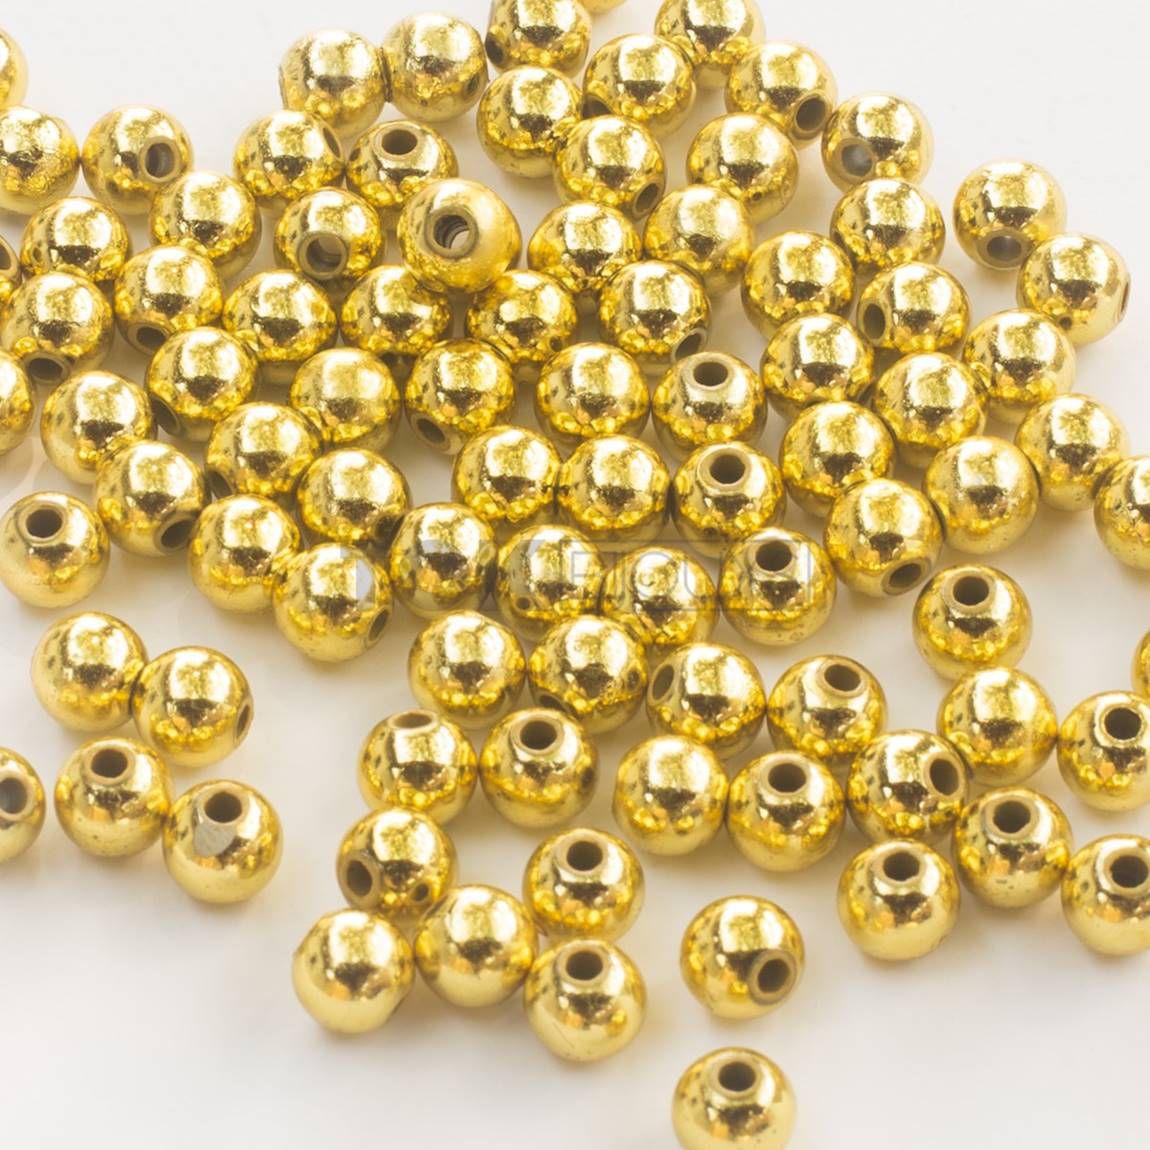 Pérola Redonda Abs 12mm - Dourado - 500g